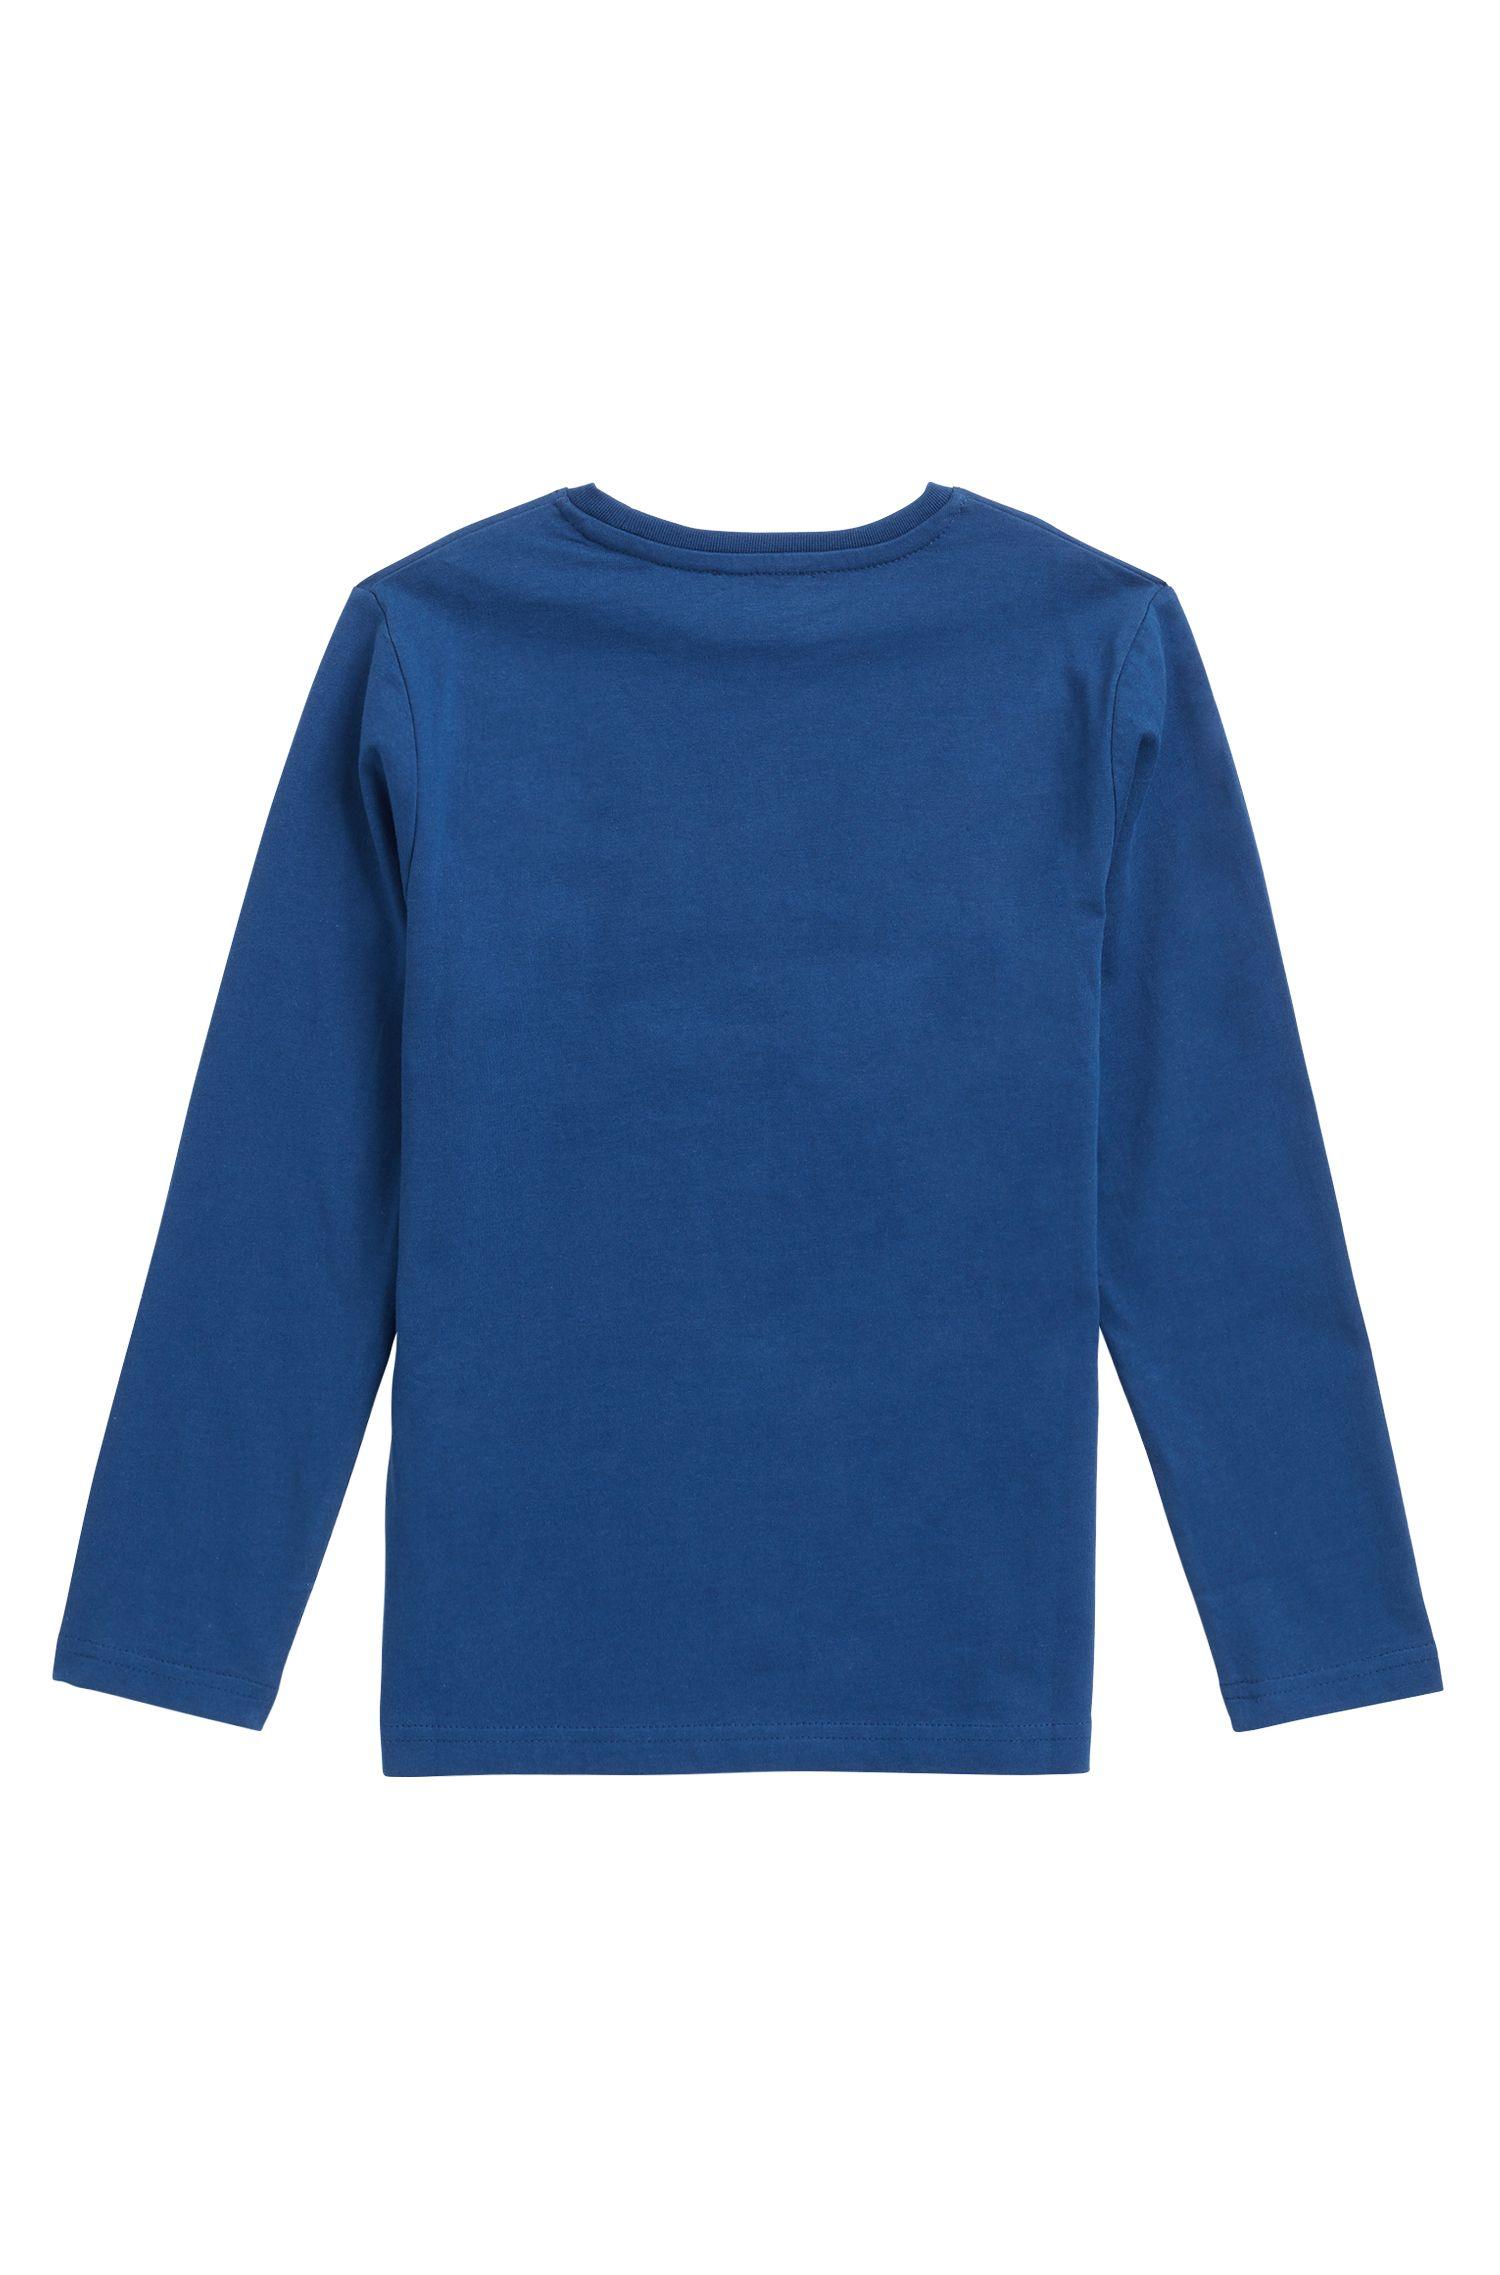 Maglia a maniche lunghe da bambino in cotone con logo grafico stampato, Blu